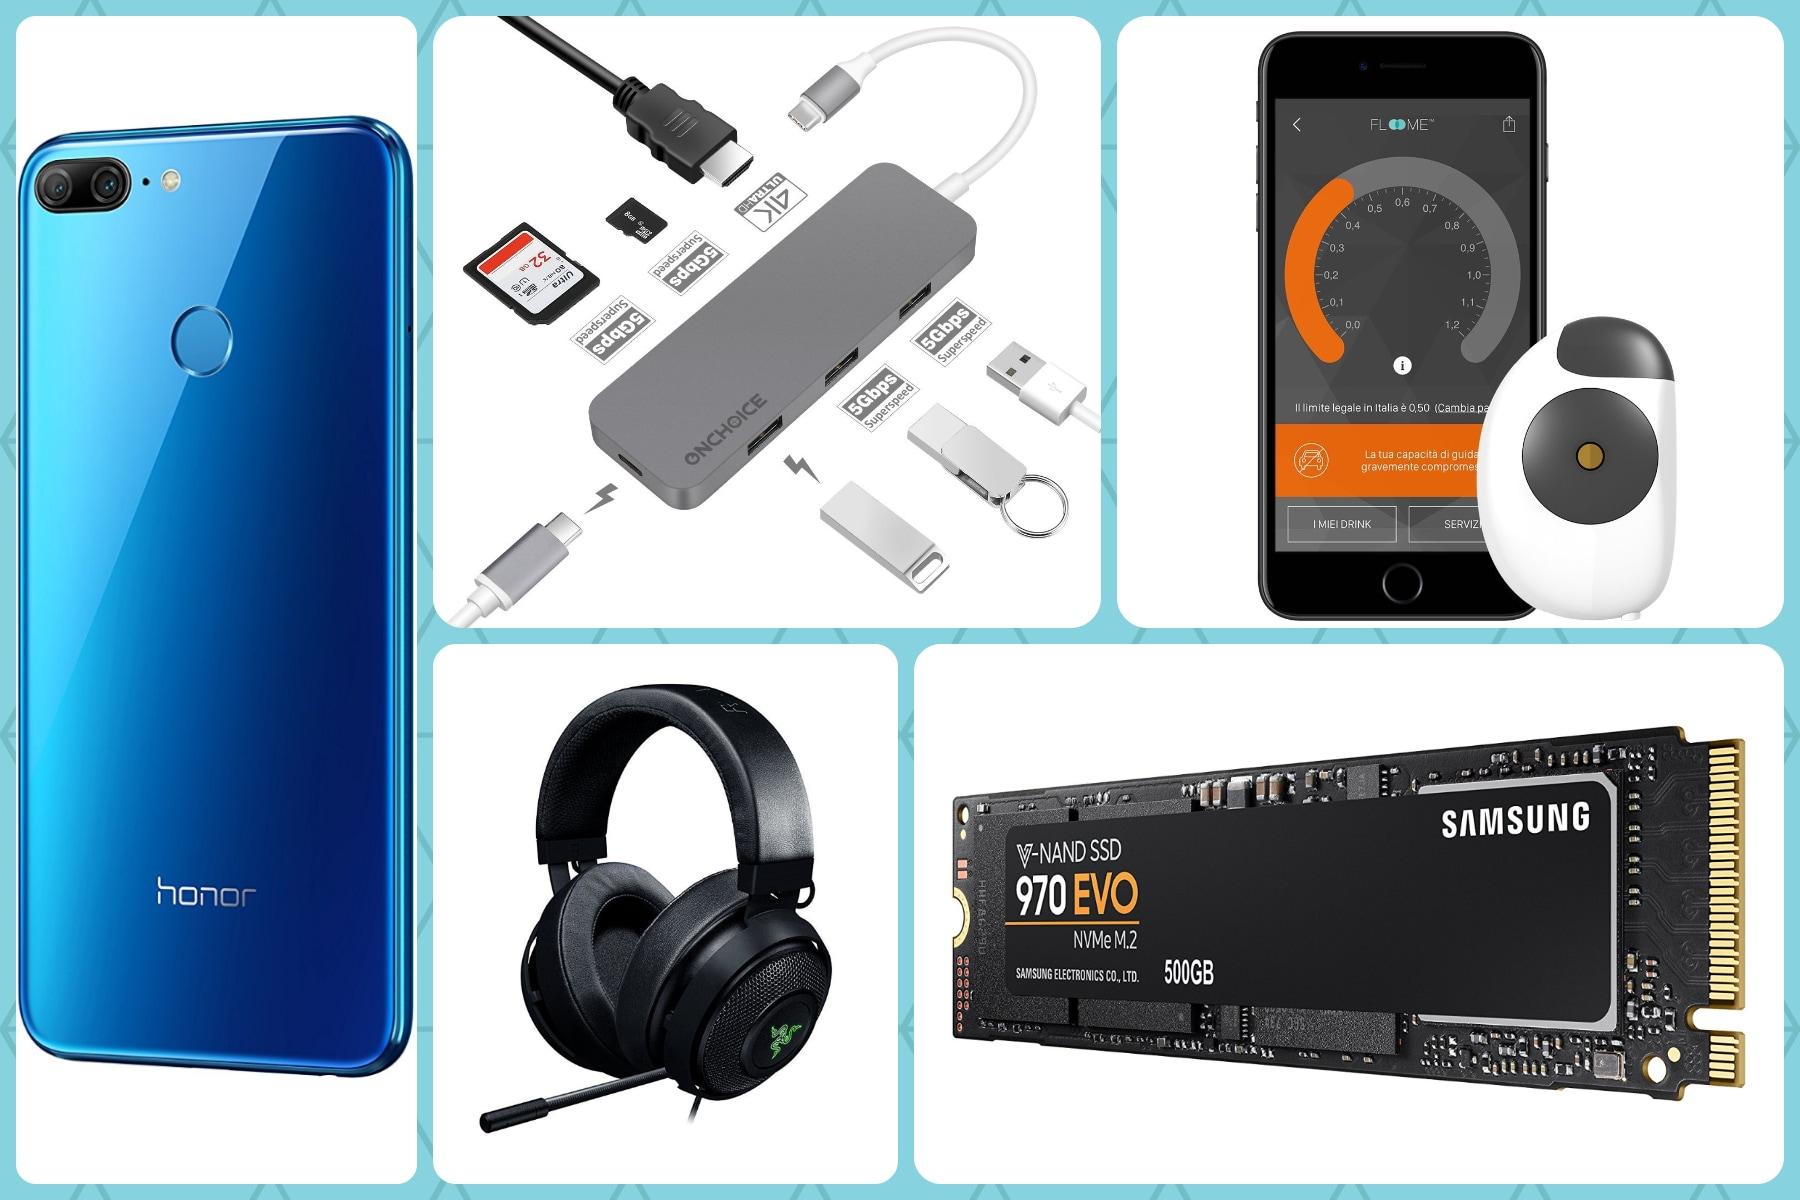 Su Amazon vi aspetta coupon per Yi Discovery e sconti su S9, Redmi 5 Plus e tanta altra tech - image migliori-offerte-amazon-8-giugno-2018 on http://www.zxbyte.com